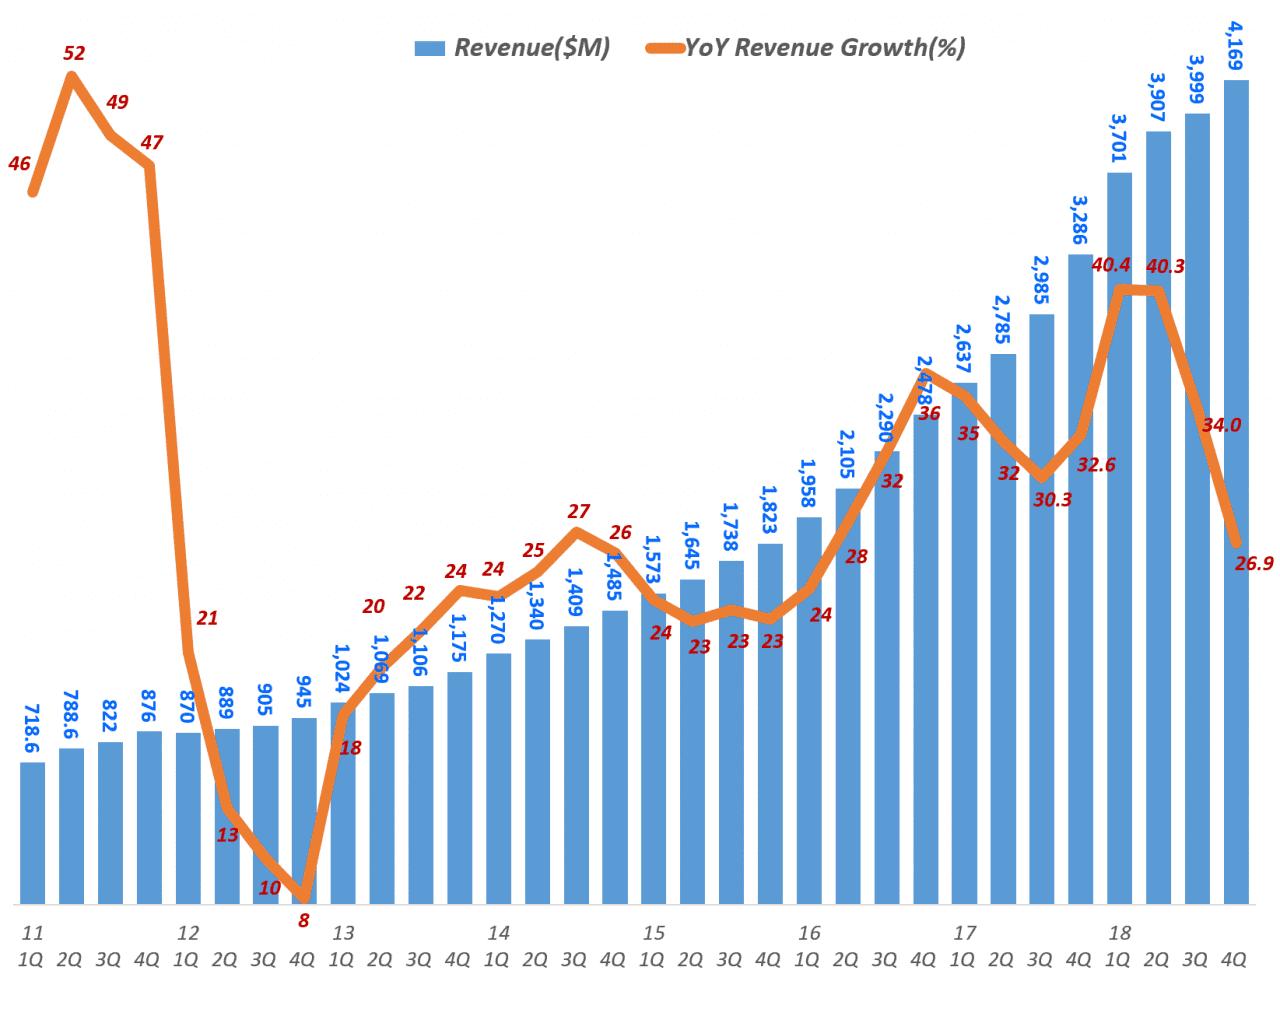 넷플릭스 분기별 매출 및 전년 비 증가율(2011년 1분기 ~ 2018년 4분기), Netflix Revenue & Y2Y Growth ratio(%), Graph by Happist